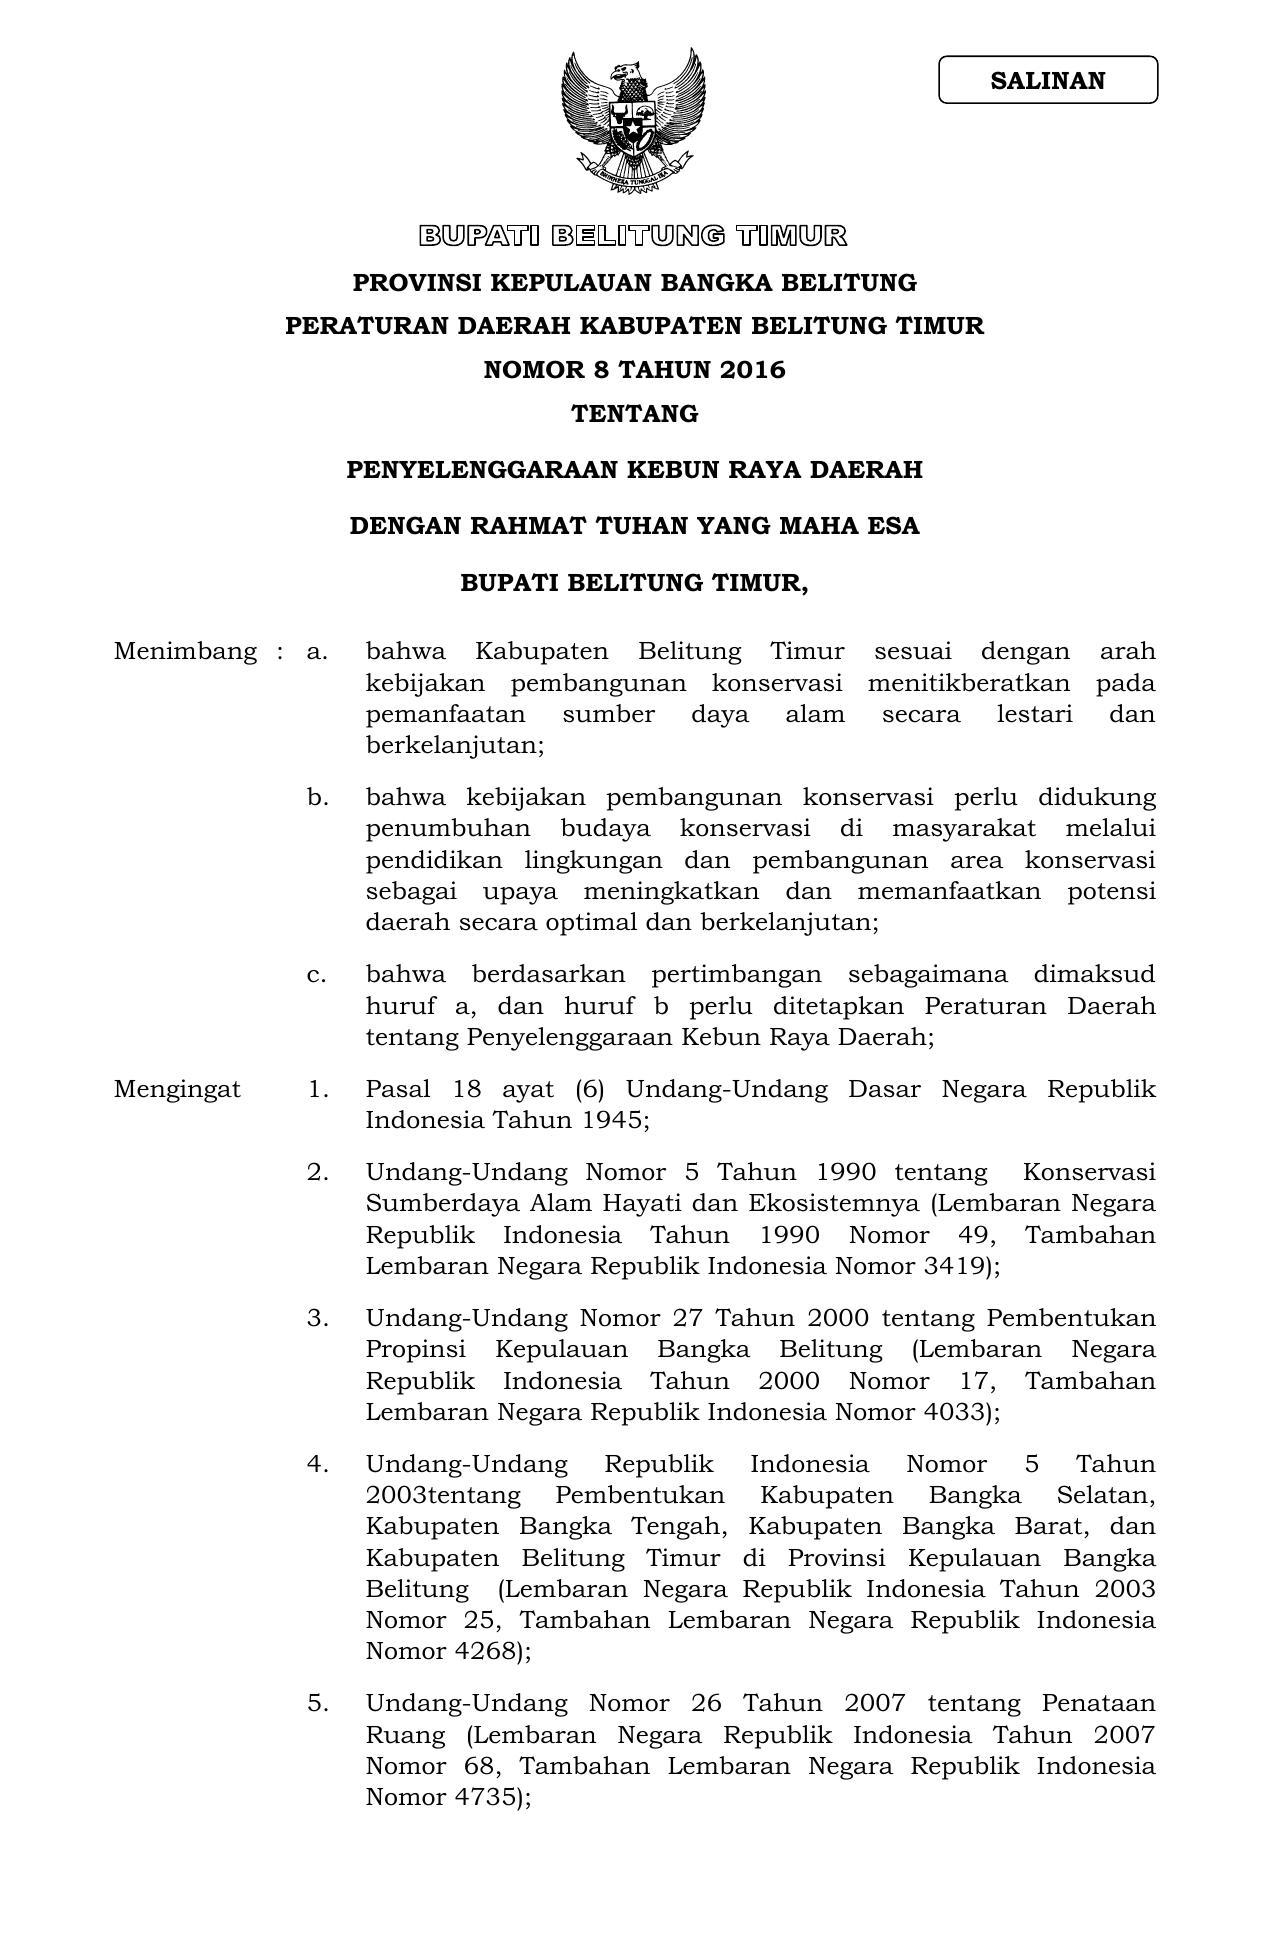 Provinsi Kepulauan Bangka Belitung Peraturan Daerah Kabupaten